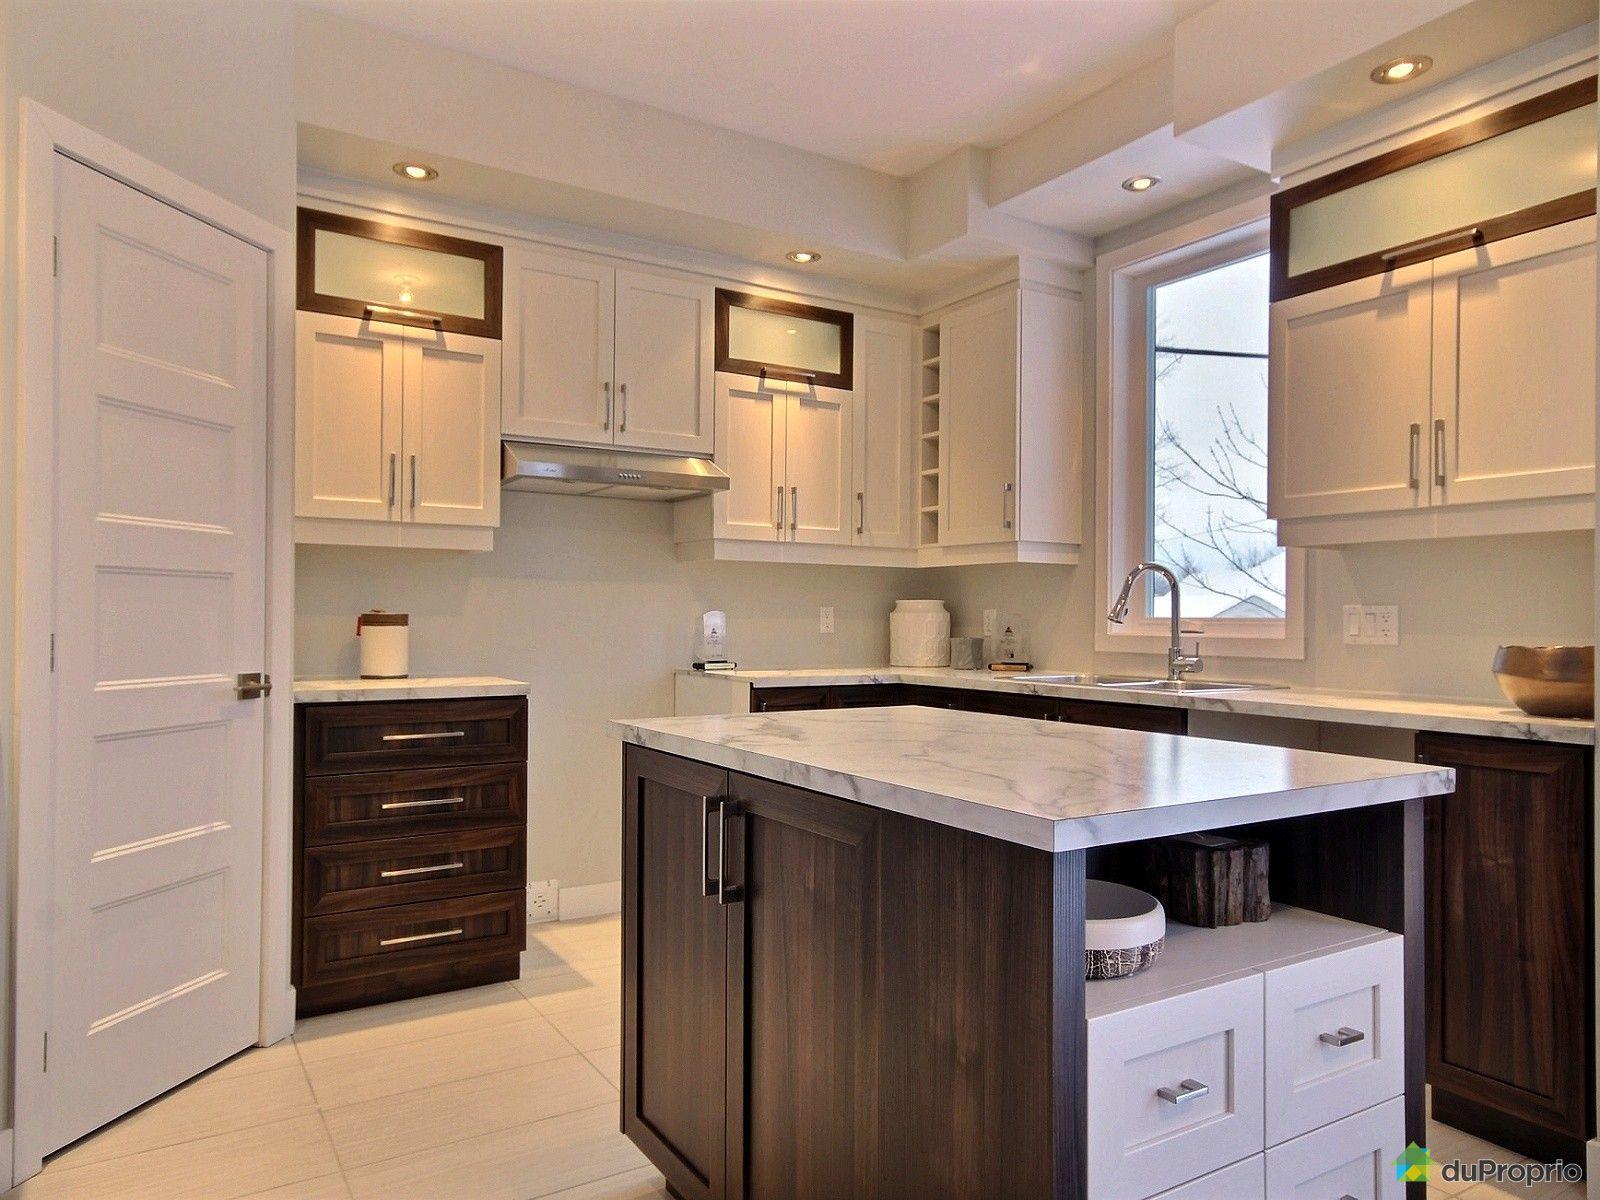 maison neuve vendre trois rivi res 75 rue des juncos immobilier qu bec duproprio 644314. Black Bedroom Furniture Sets. Home Design Ideas